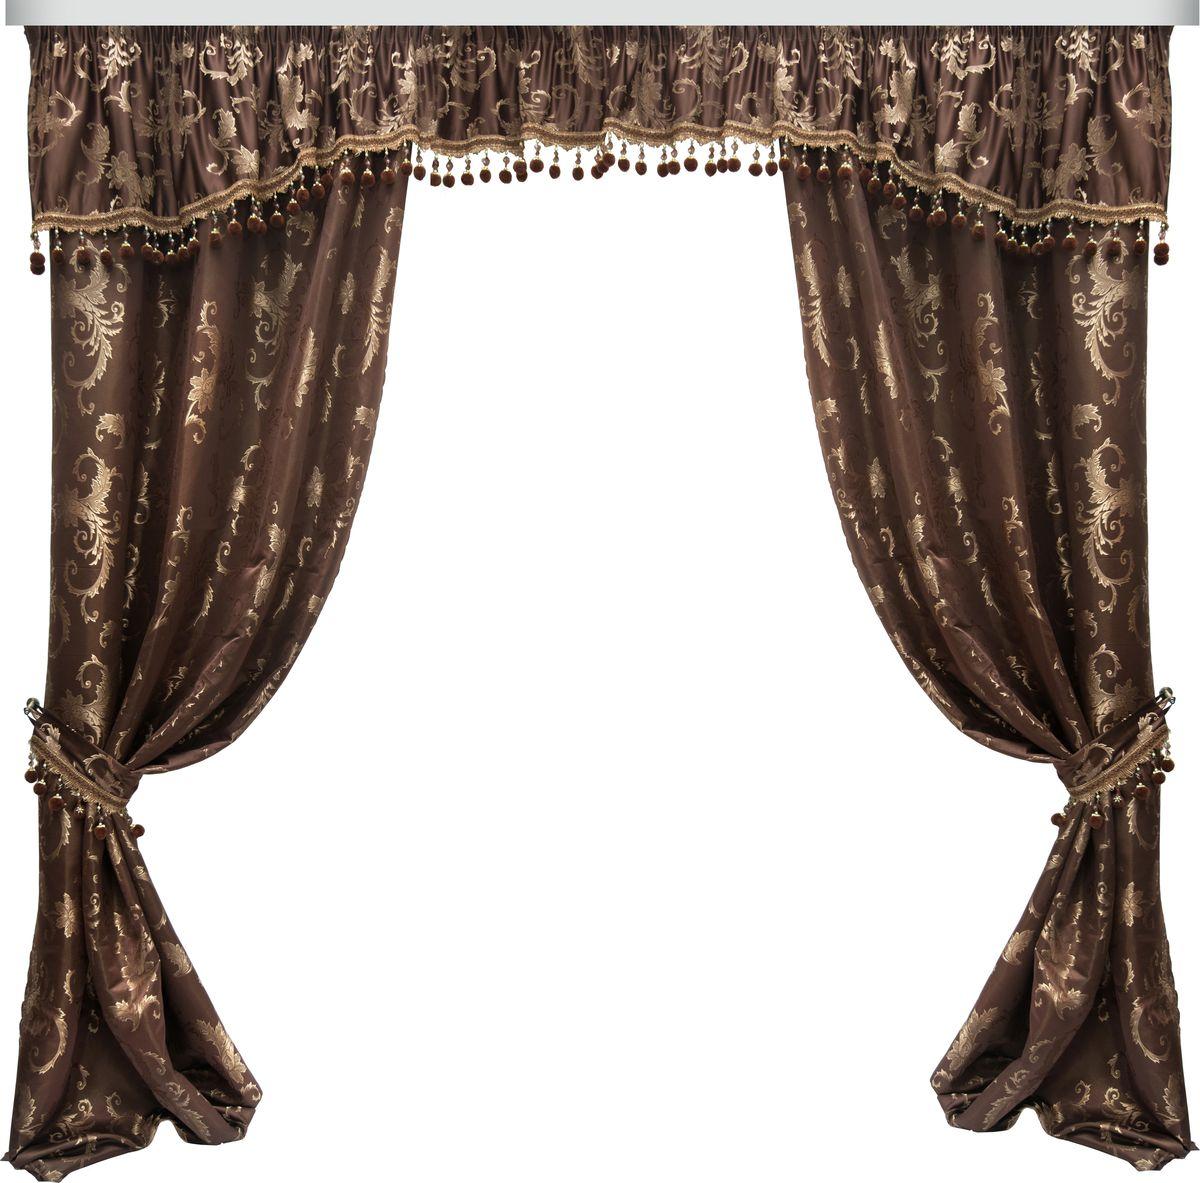 Комплект штор Zlata Korunka, на ленте, цвет: коричневый, высота 265 см. 777073777073Роскошный комплект штор Zlata Korunka, выполненный из 100% полиэстера великолепно украсит любое окно. Комплект состоит из двух штор, ламбрекена и двух подхватов. Сочетание плотной ткани, оригинального орнамента и приятной, приглушенной гаммы привлечет к себе внимание и органично впишется в интерьер помещения. Комплект крепится на карниз при помощи шторной ленты, которая поможет красиво и равномерно задрапировать верх. Шторы можно зафиксировать в одном положении с помощью двух подхватов. Этот комплект будет долгое время радовать вас и вашу семью!